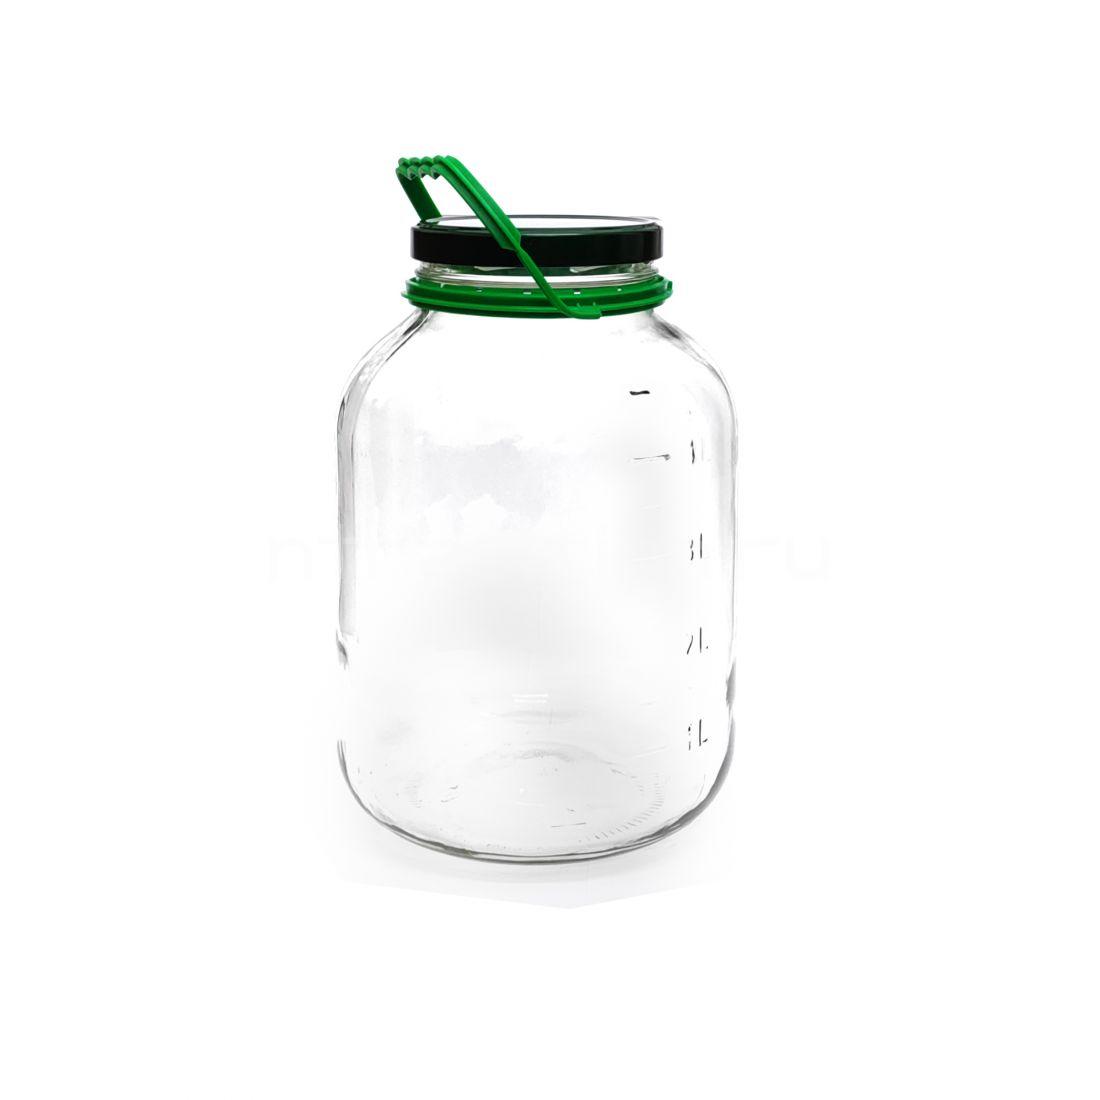 Стеклянная банка 5 литров с делениями (крышка винт в комплекте)